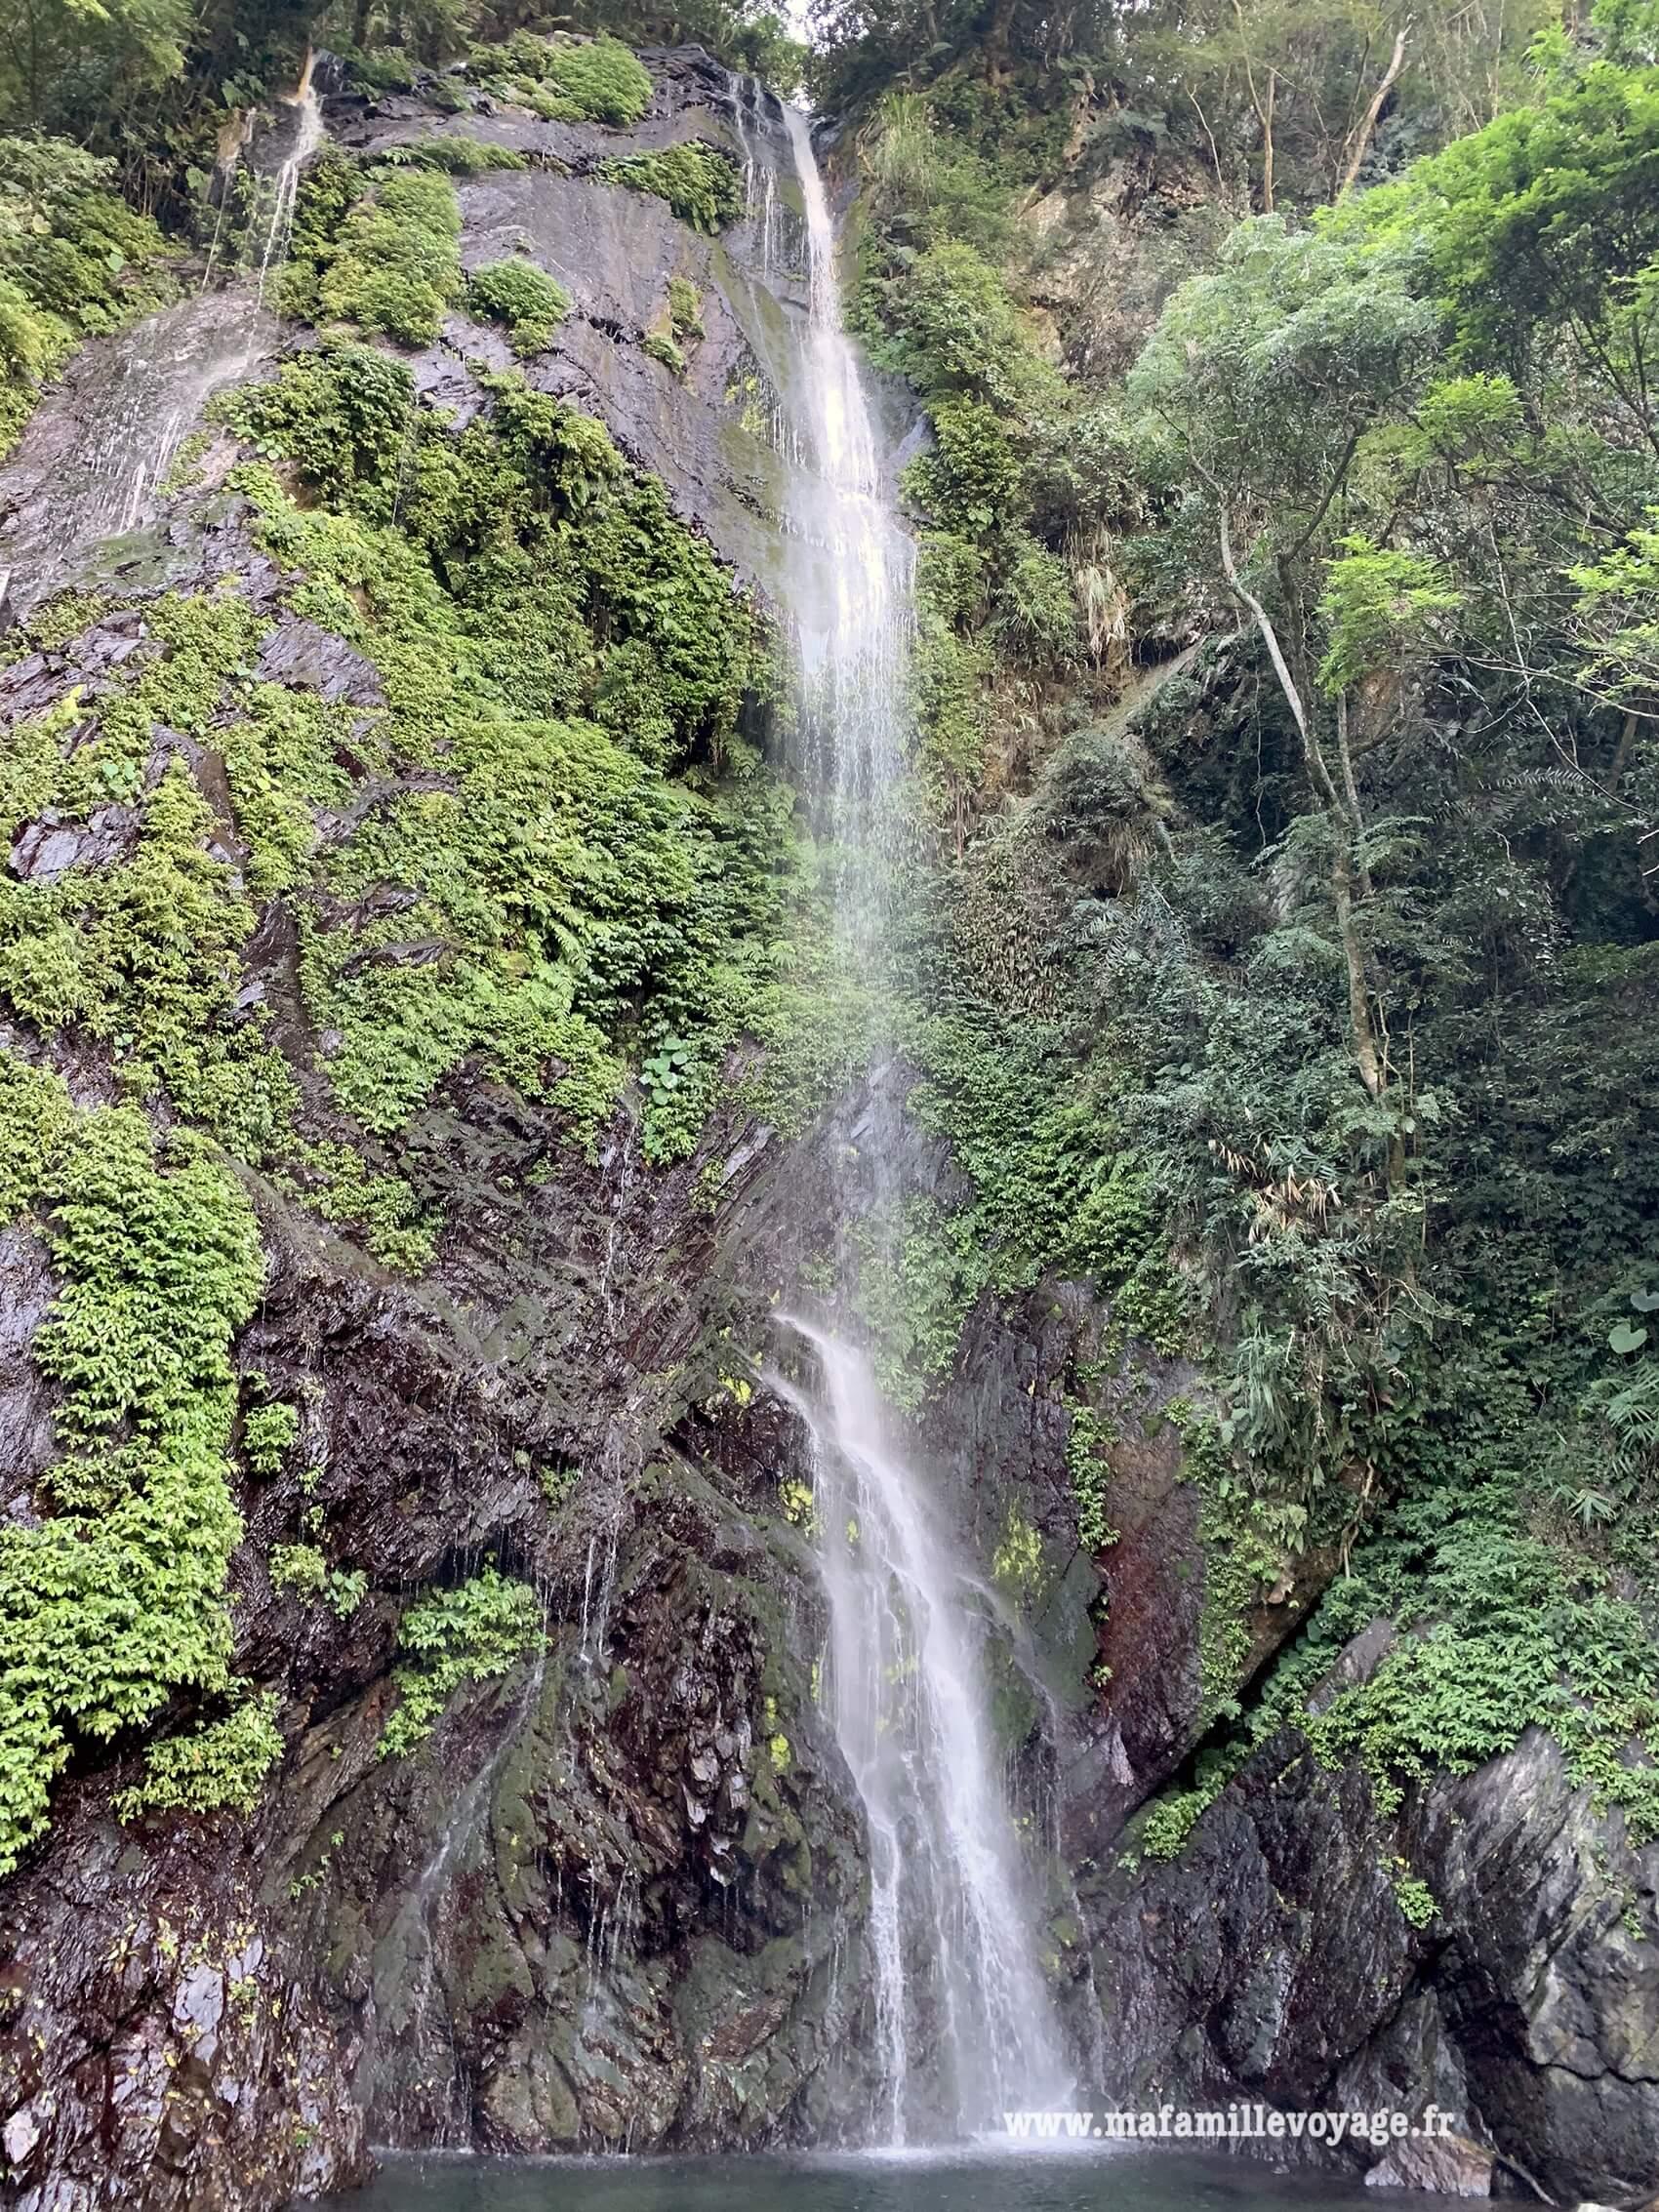 Guanyin Falls